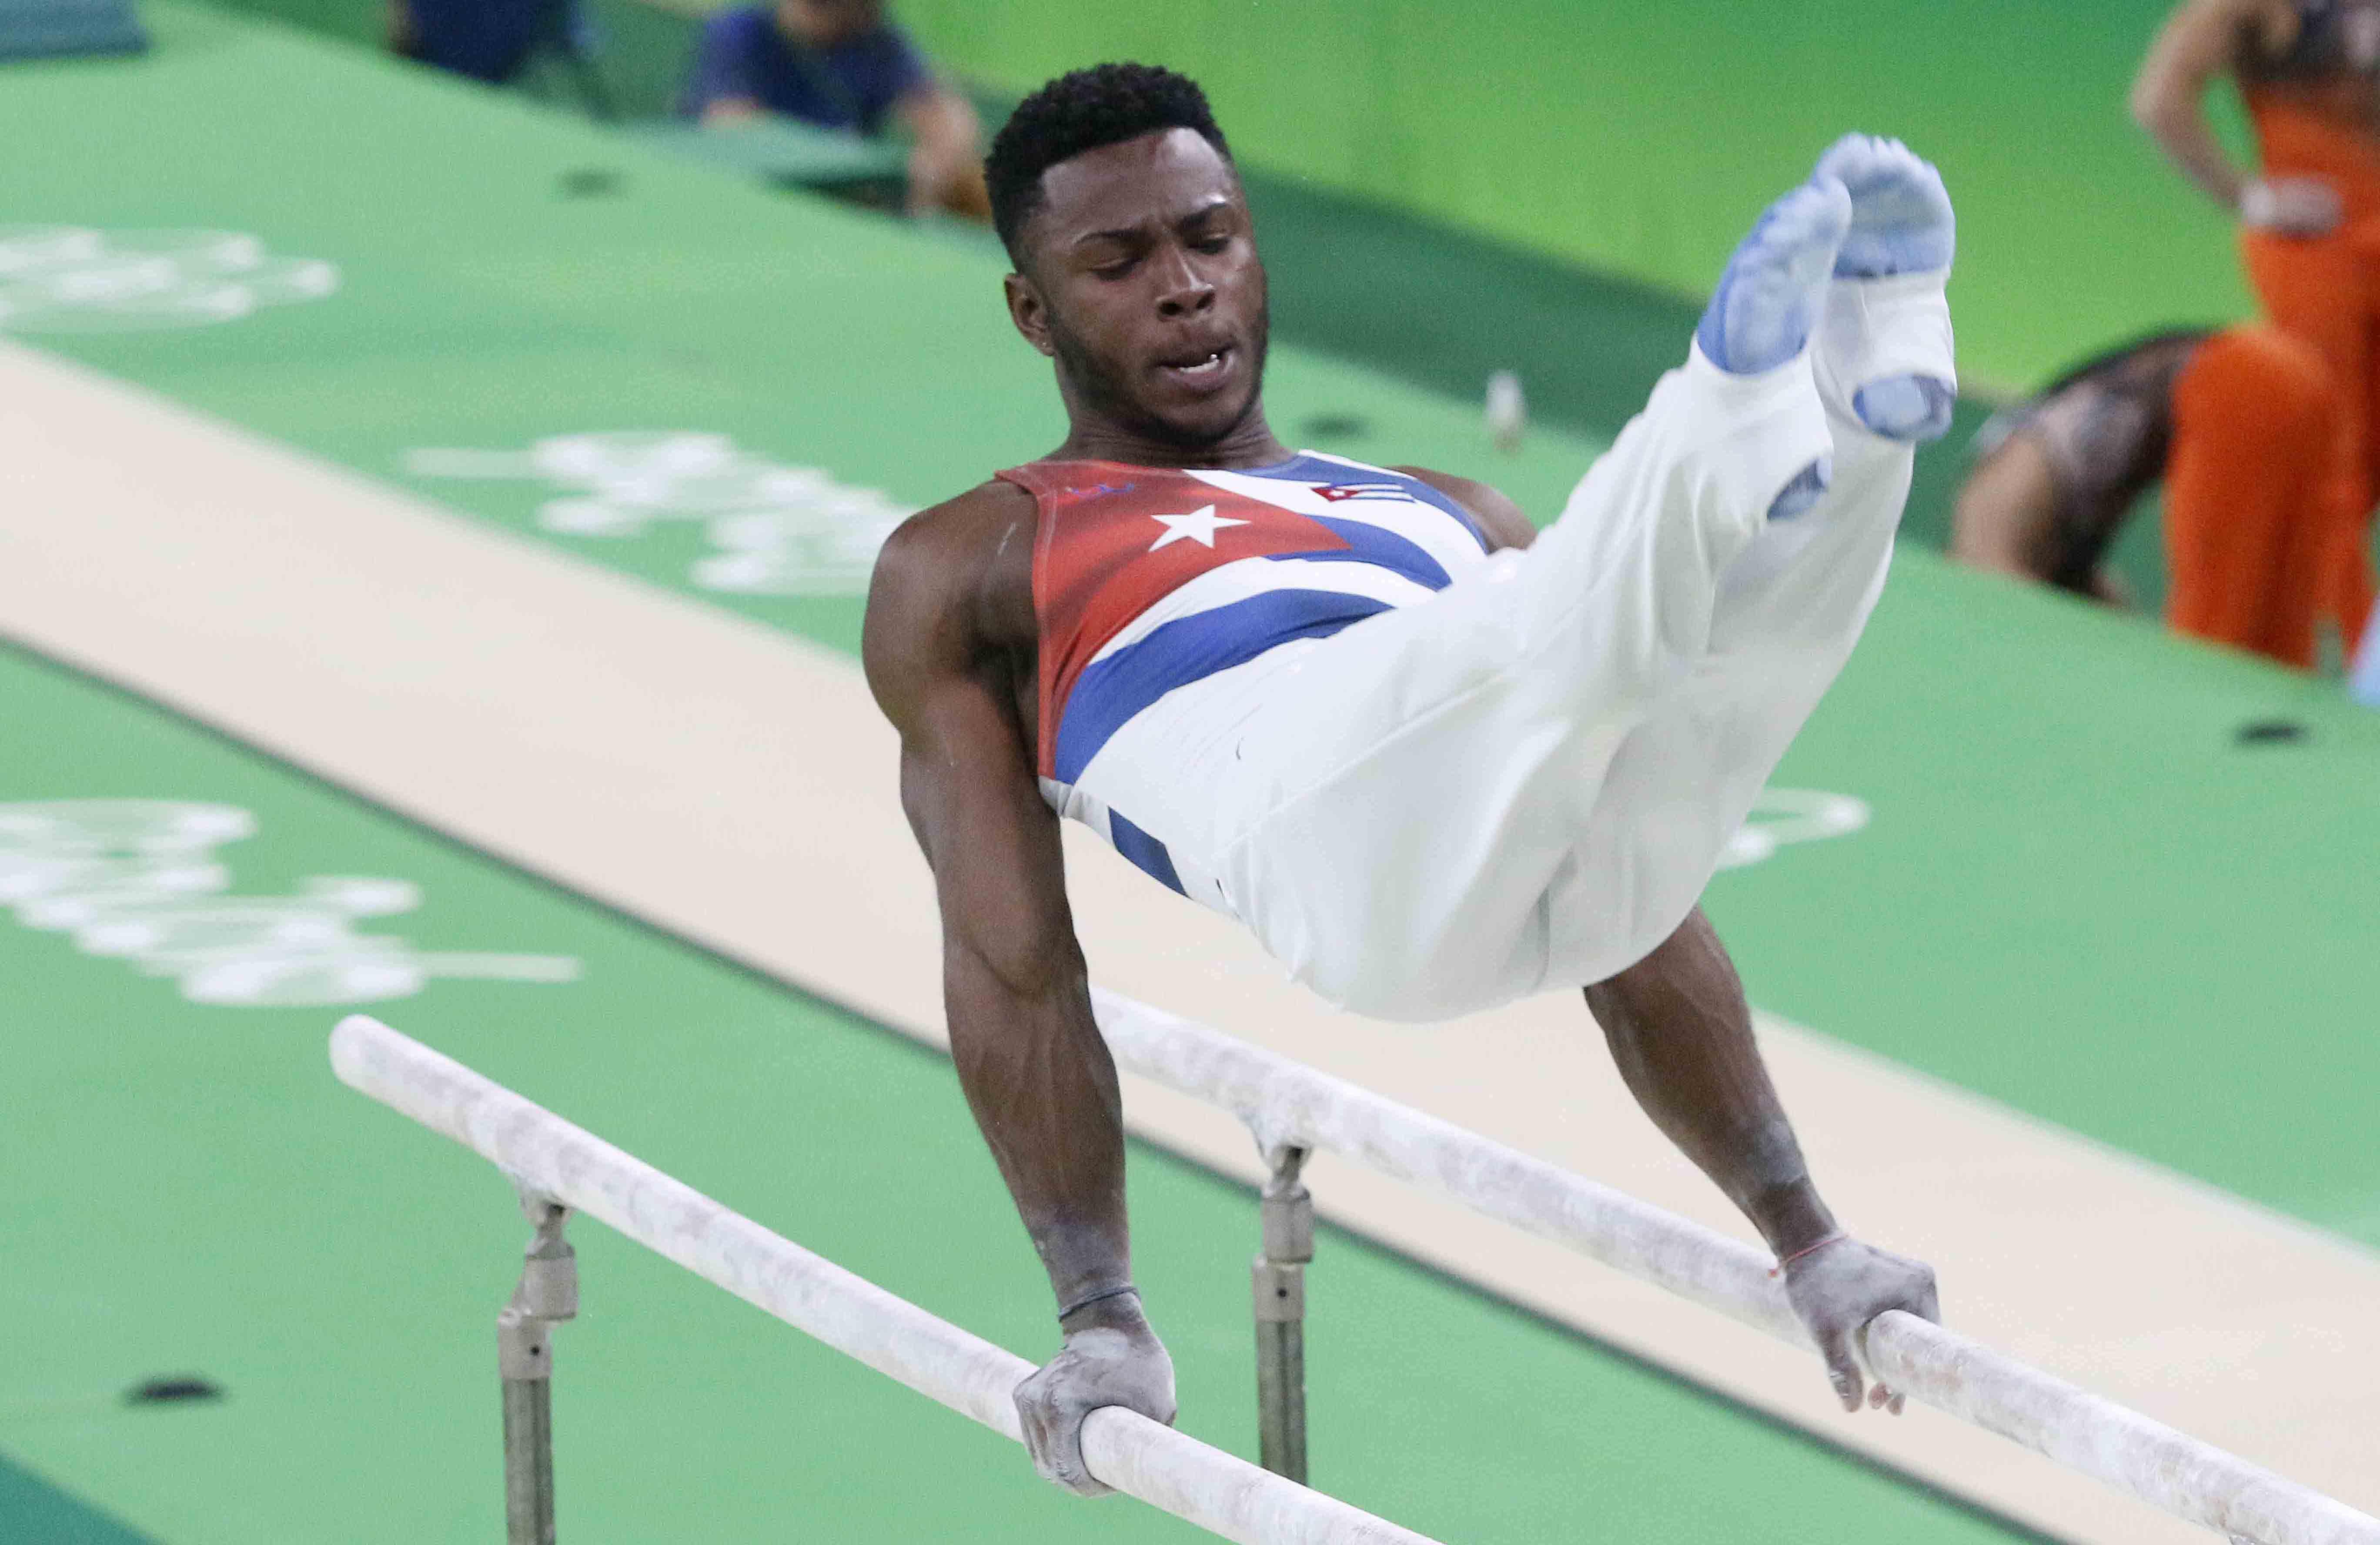 El gimnasta cubano Manrique Larduet durante los Juegos Olímpicos de Río 2016. Foto: Roberto Morejón / JIT / Archivo.